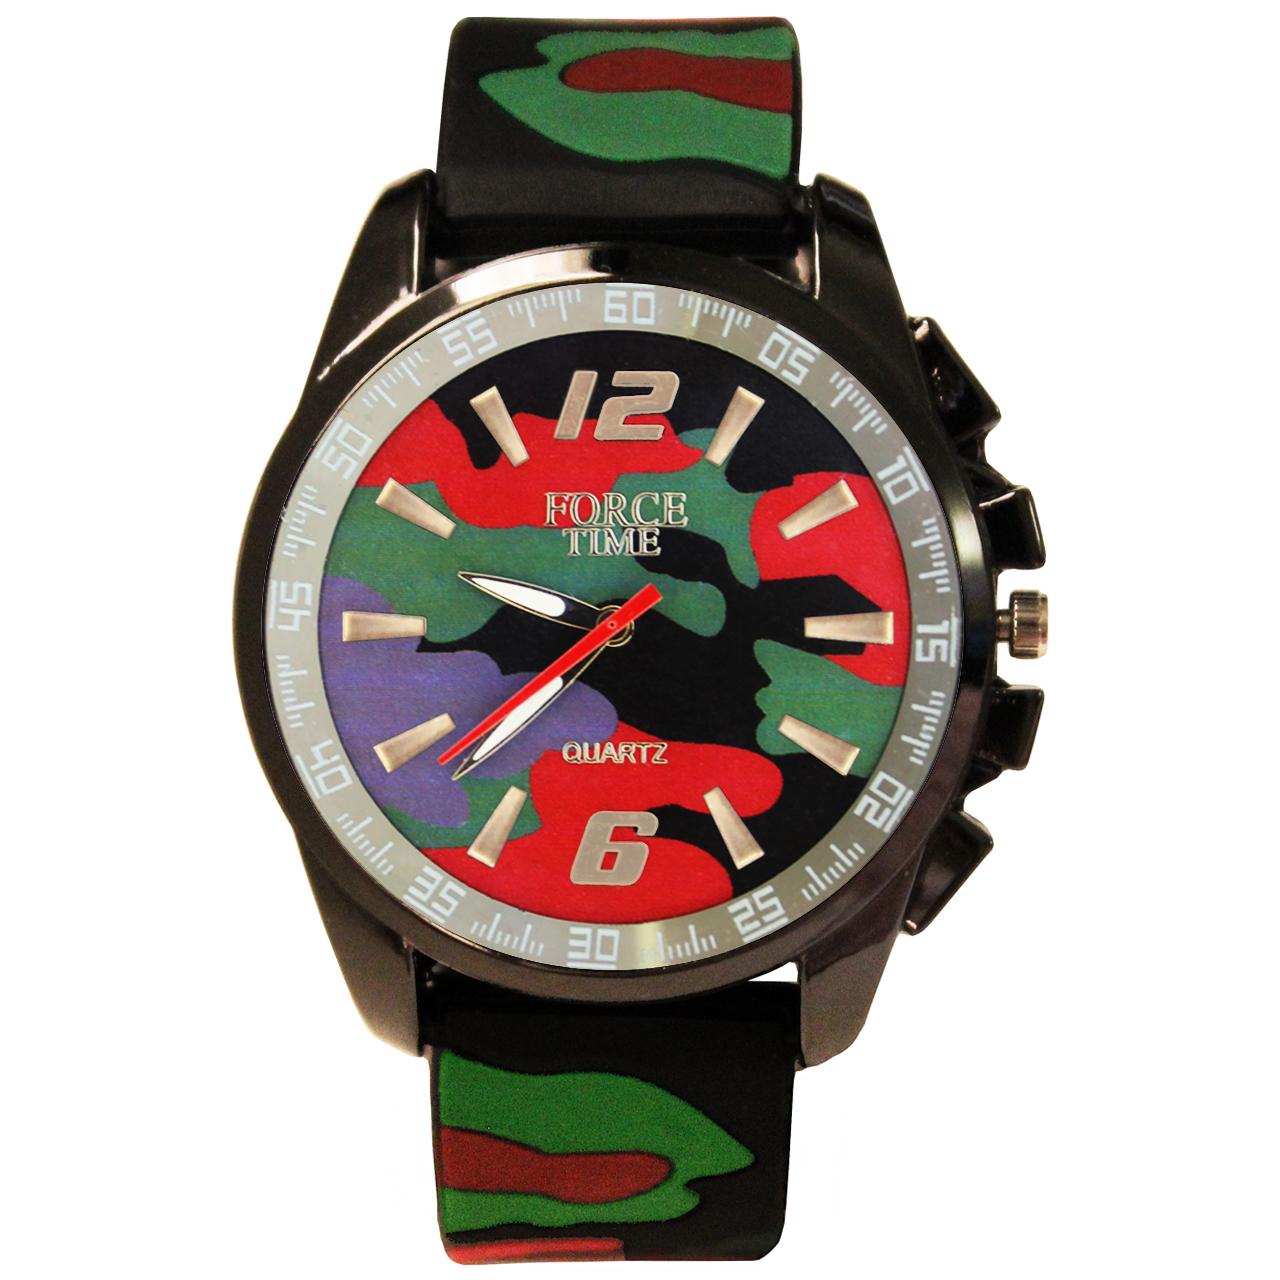 خرید ساعت مچی عقربه ای و زنانه مردانه فورس تایم مدل P4-71